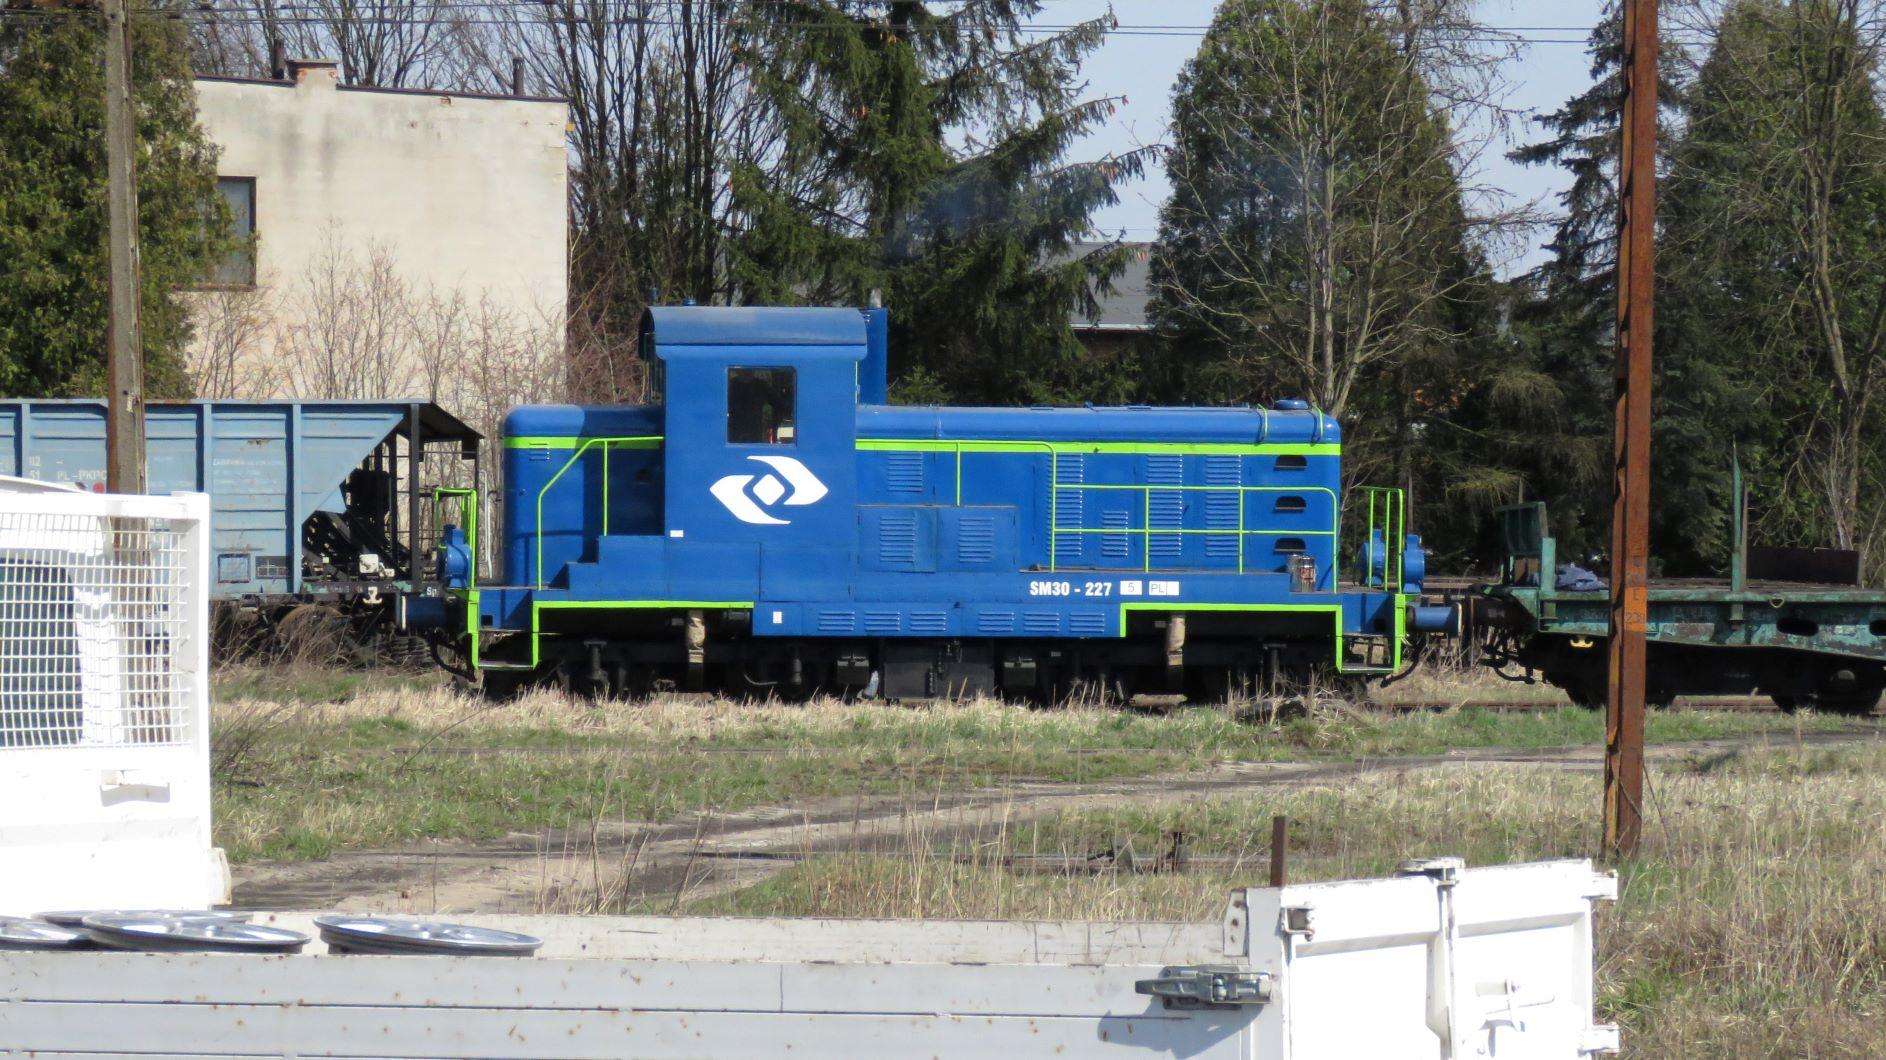 SM30-227.jpg